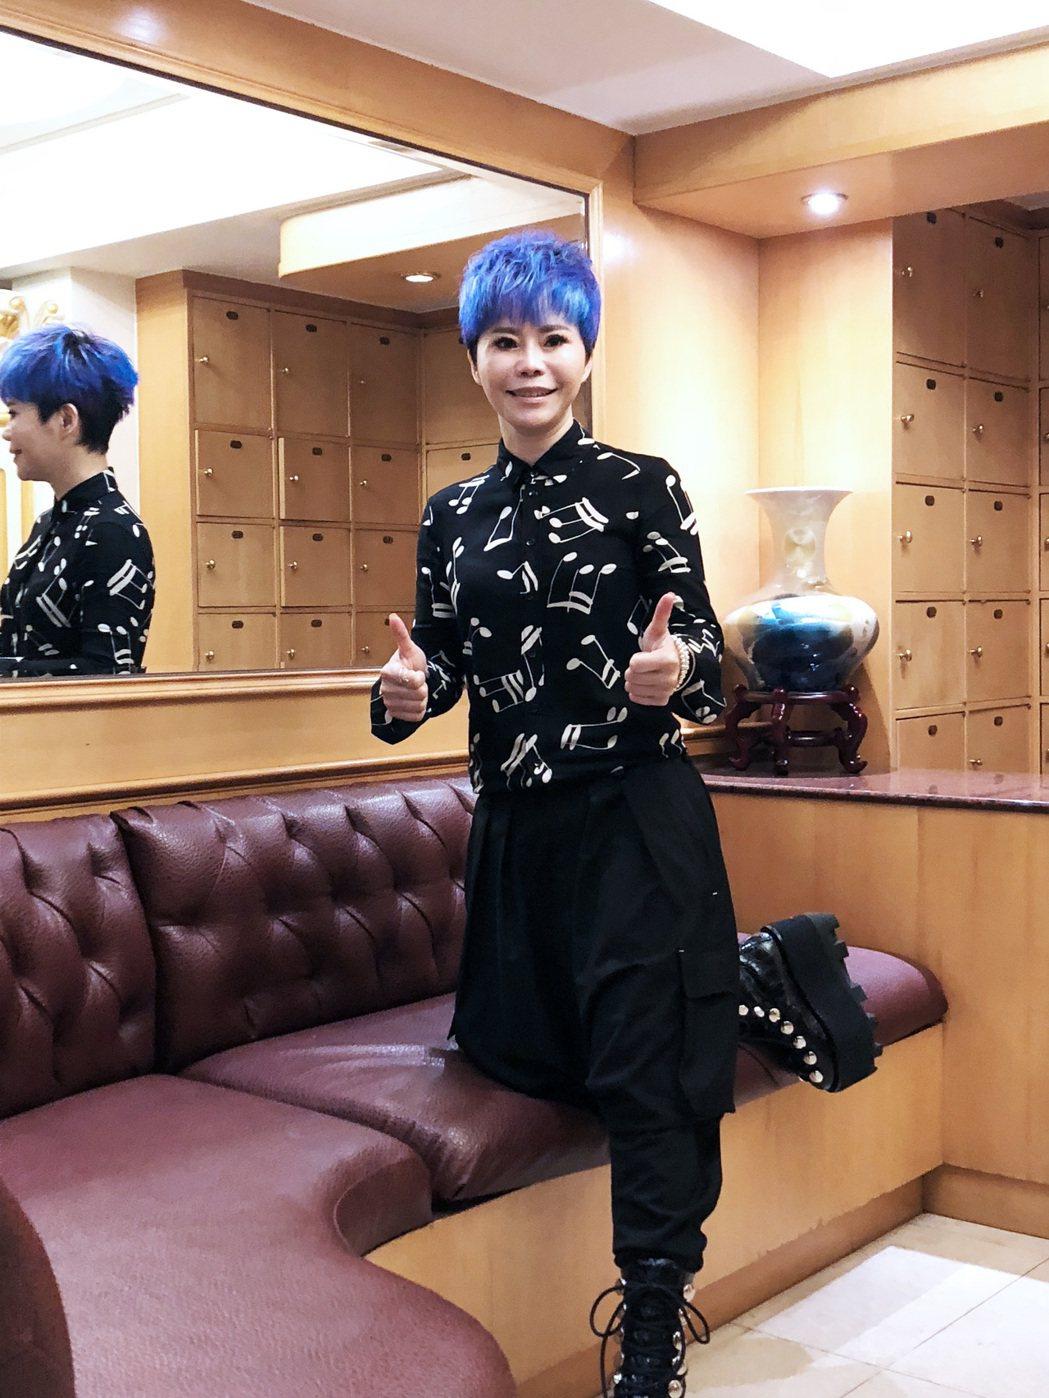 為了2018的新春場演唱會,詹雅雯特地染了一個藍紫色頭髮。圖/寬宏藝術提供